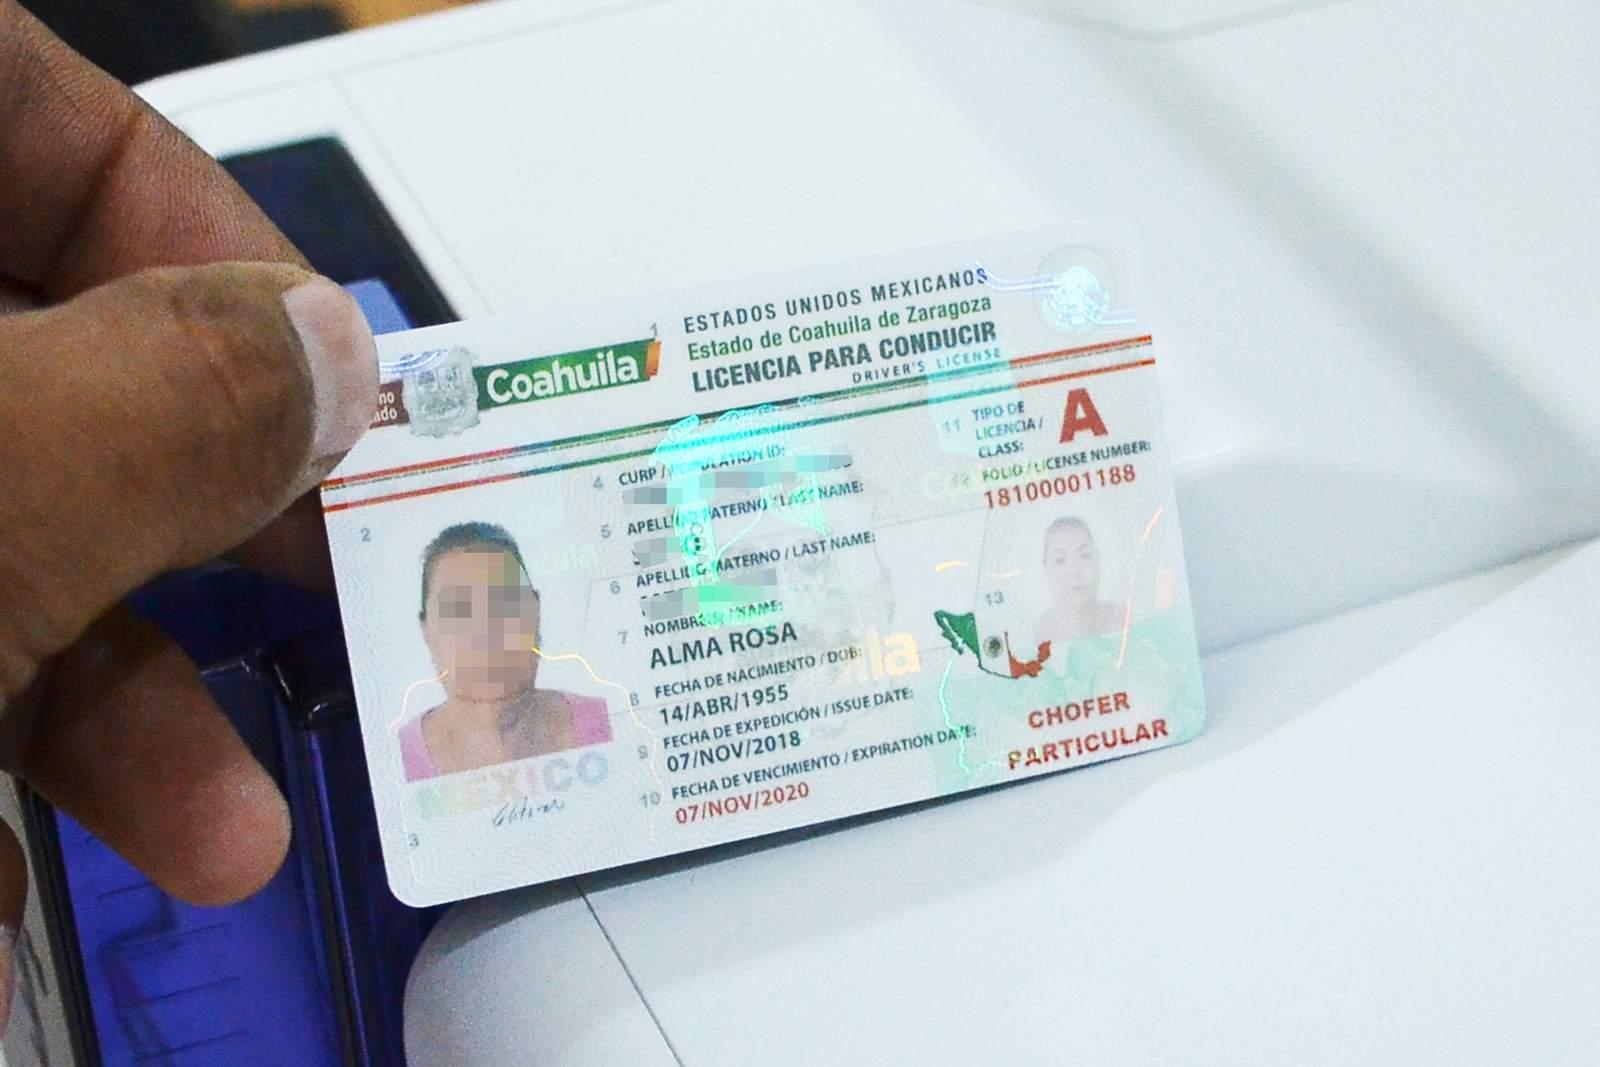 Expiden En Coahuila Licencias De Conducir Con 'candado